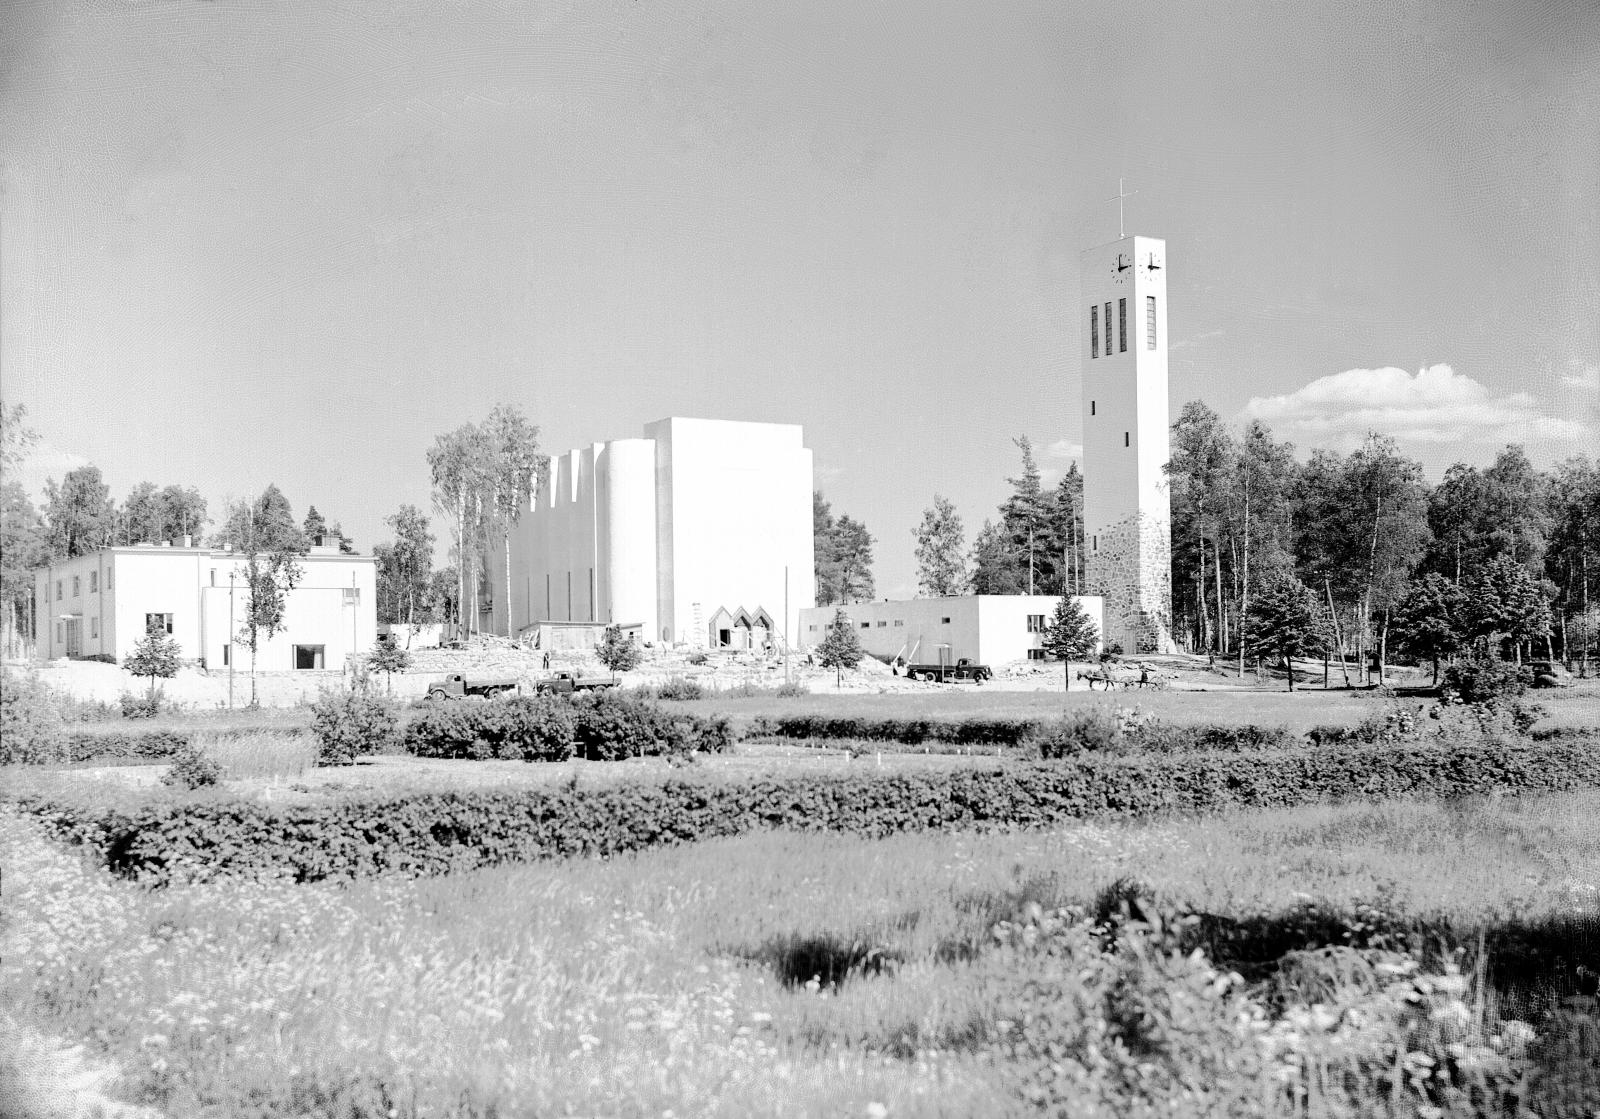 Kustaa Sarsan kirkkoherrakaudella Varkaus sai uuden kirkon. Funkistyylisen kirkon vihkiäisjuhlaa vietettiin 5.11.1939. Matti Paalasen suunnittelema kirkko oli ääriään myöten täynnä, kuten myös seurakuntasali, jonne juhla välitettiin kovaäänisillä. (Ivar Aleksander Ekström / Varkauden museo)